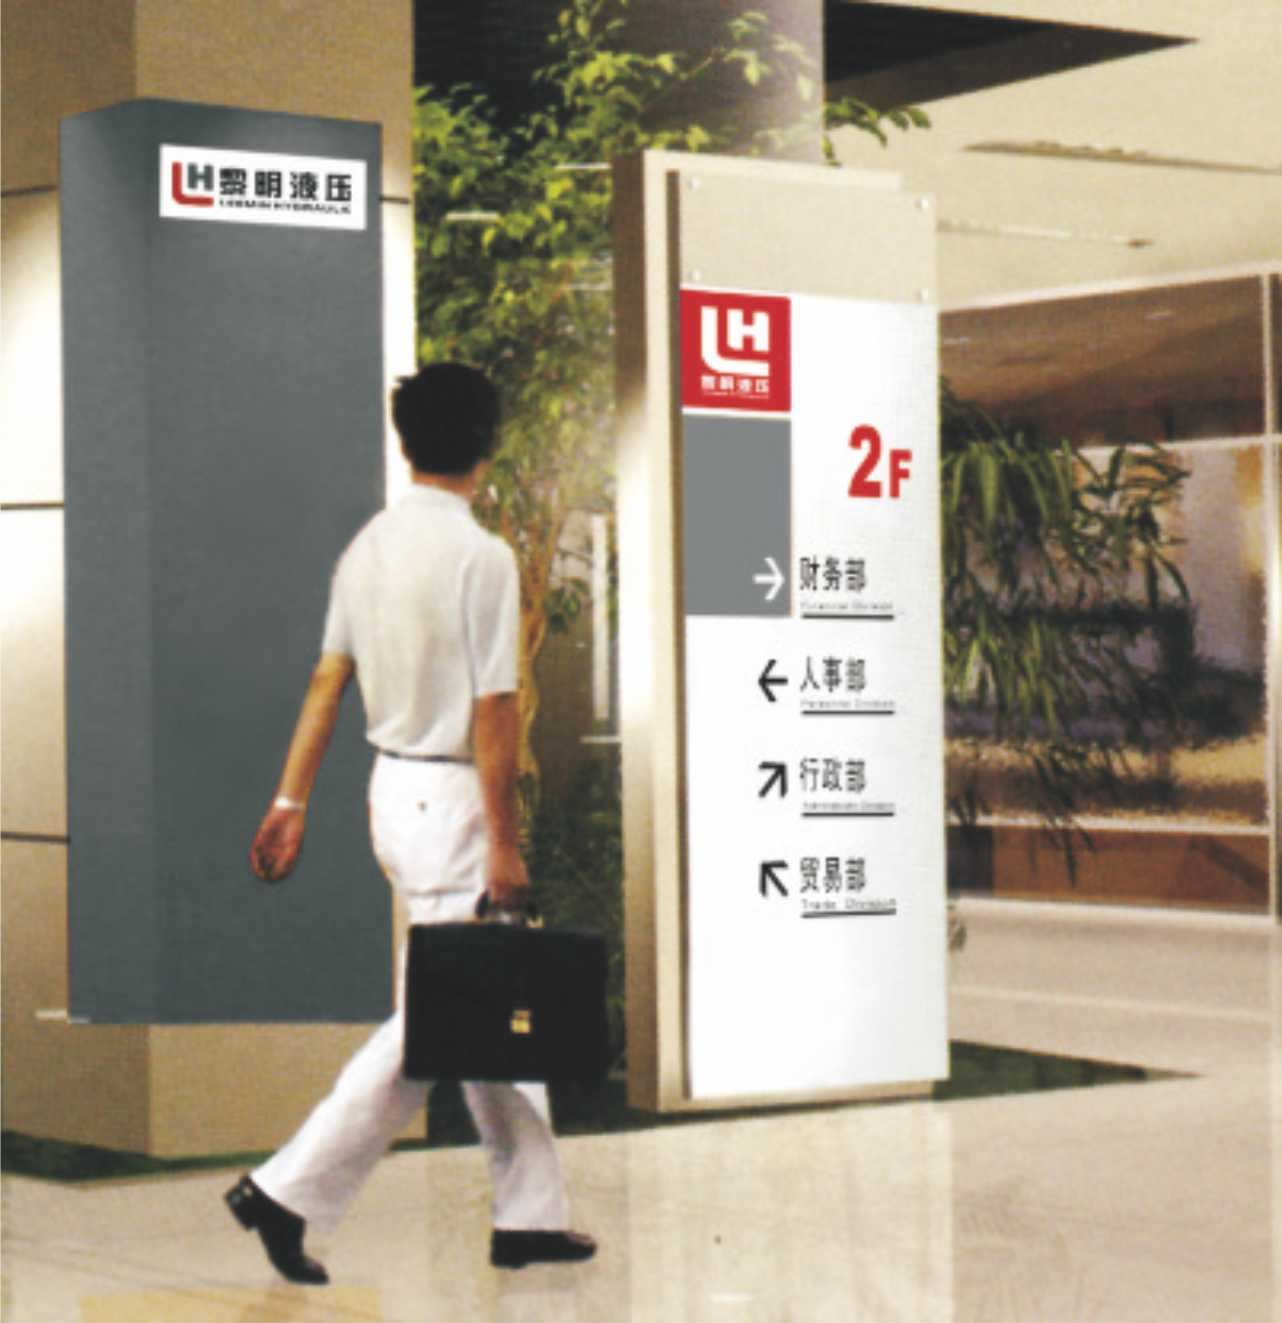 酒店导视标识系统